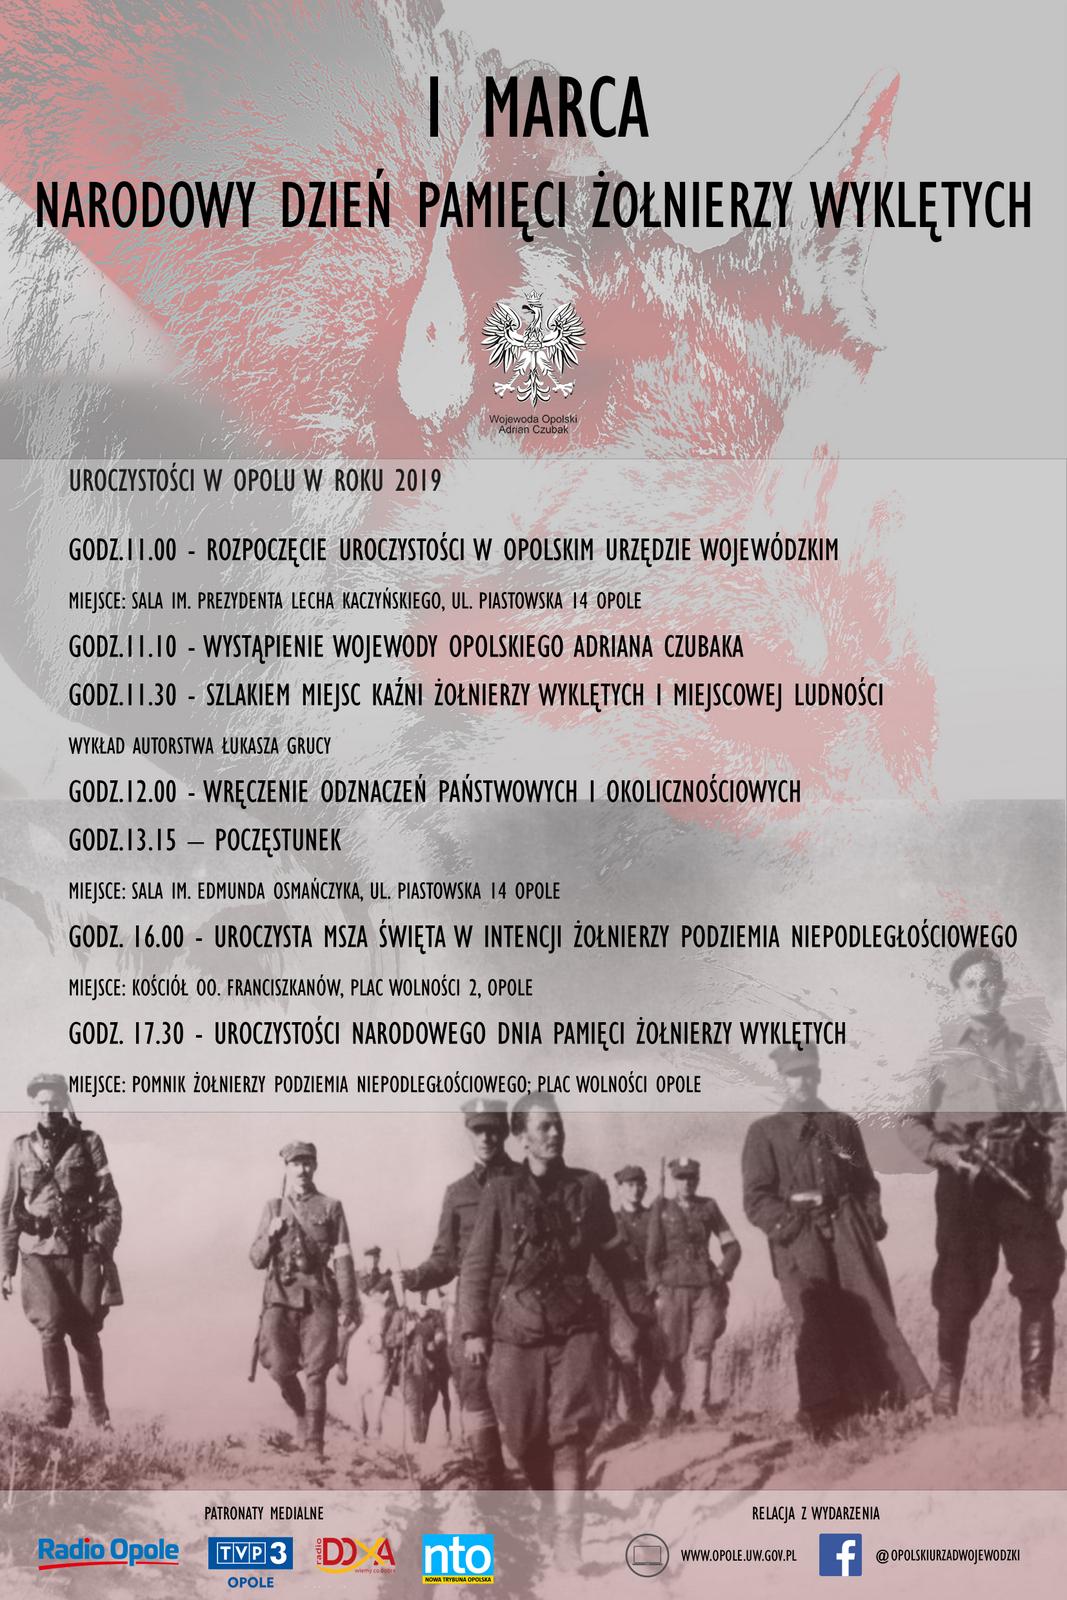 Narodowy Dzień Pamięci Żołnierzy Wyklętych zostanie uczczony w Opolu